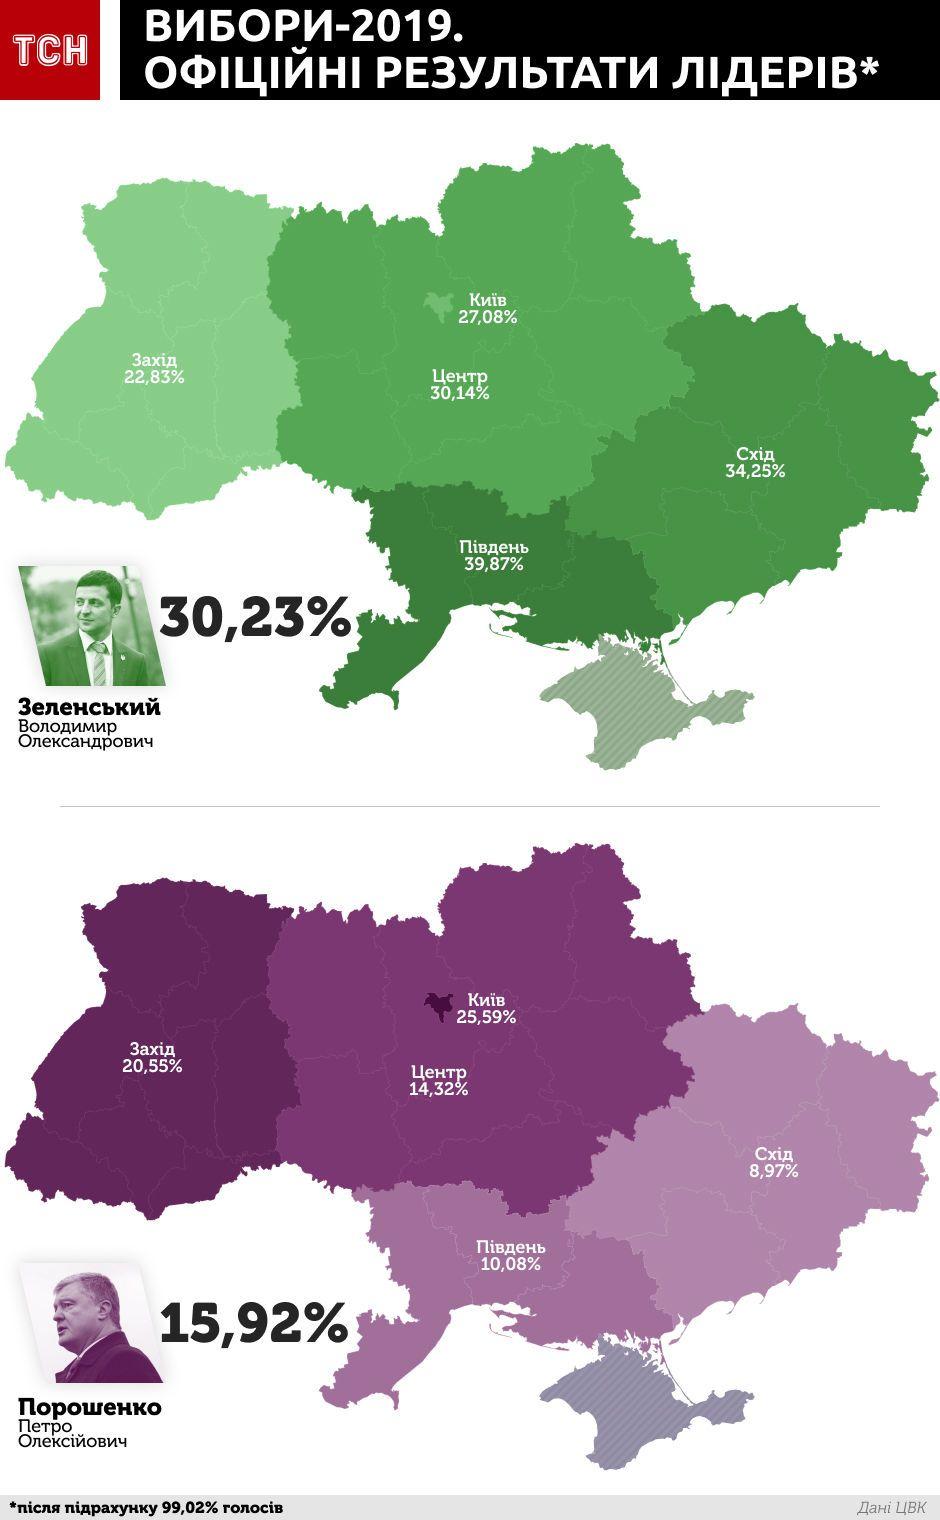 Результати виборів, за регіонами, інфографіка 2